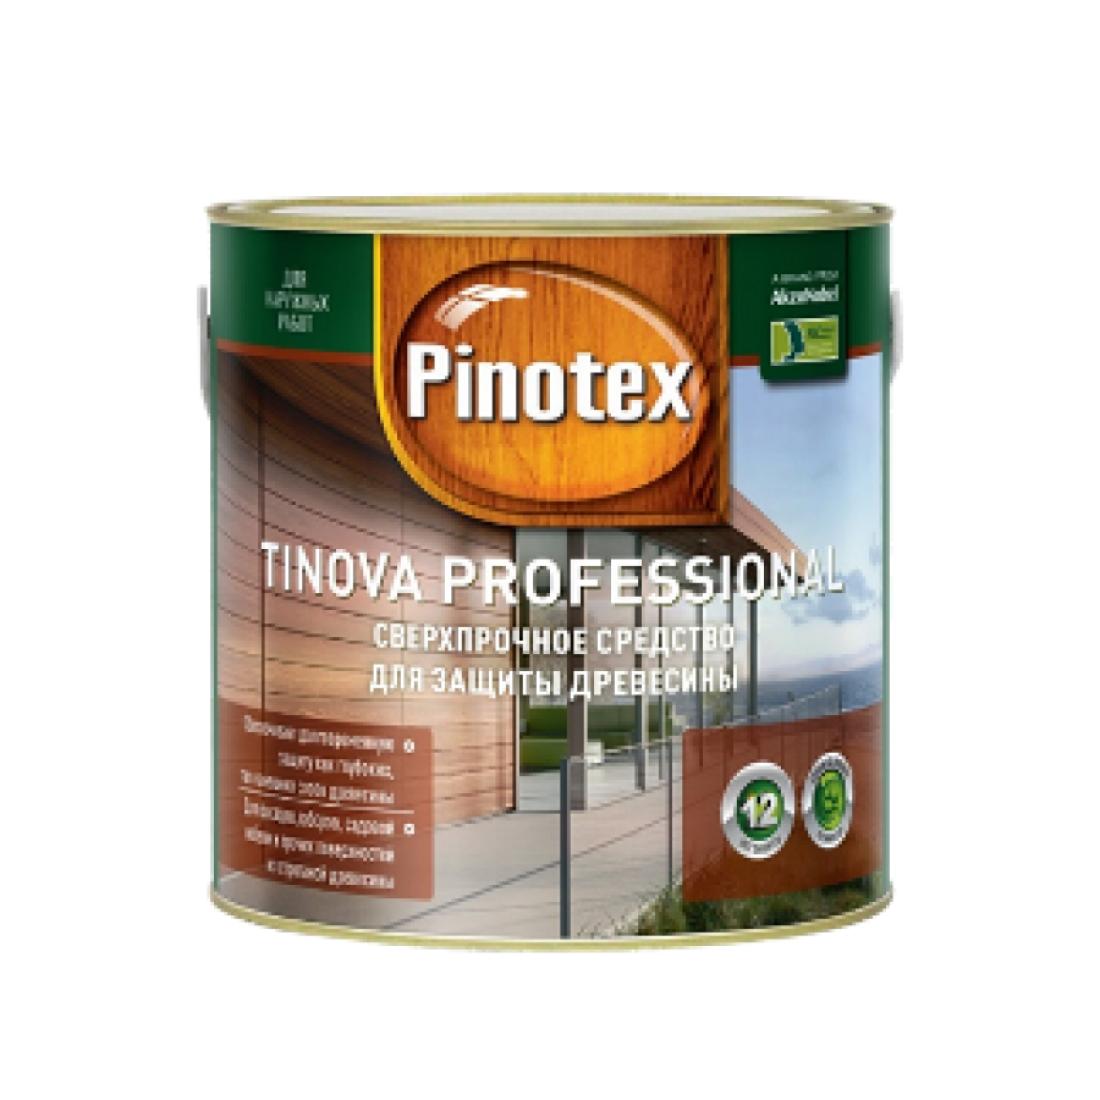 PINOTEX TINOVA цветной антисептик для профессиональной защиты, гарантия 12 лет! (5л) База под колеровку